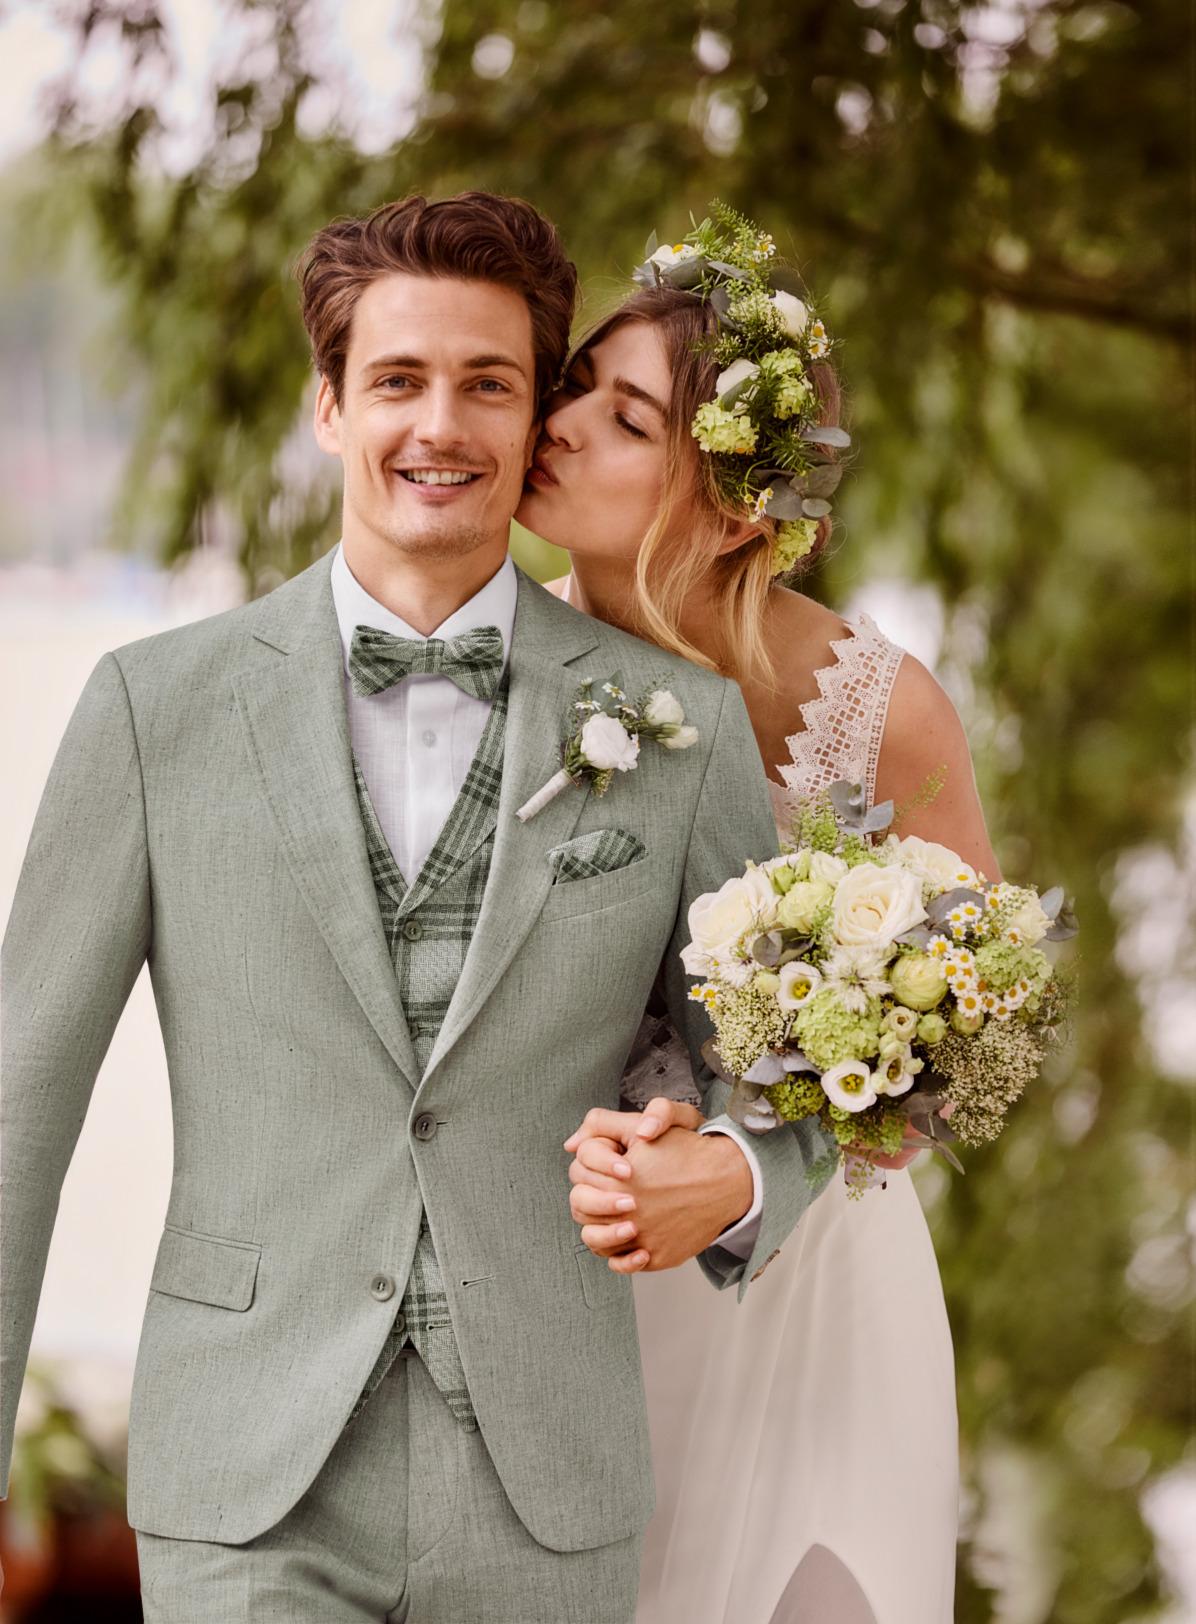 Wilvorst Atelier Torino Gala Wedding Hochzeitsanzug Männer Mode Bräutigam klassische Form hellgrün grün wil_0121_kam_at-gala-vintage-wedding-Look1_2